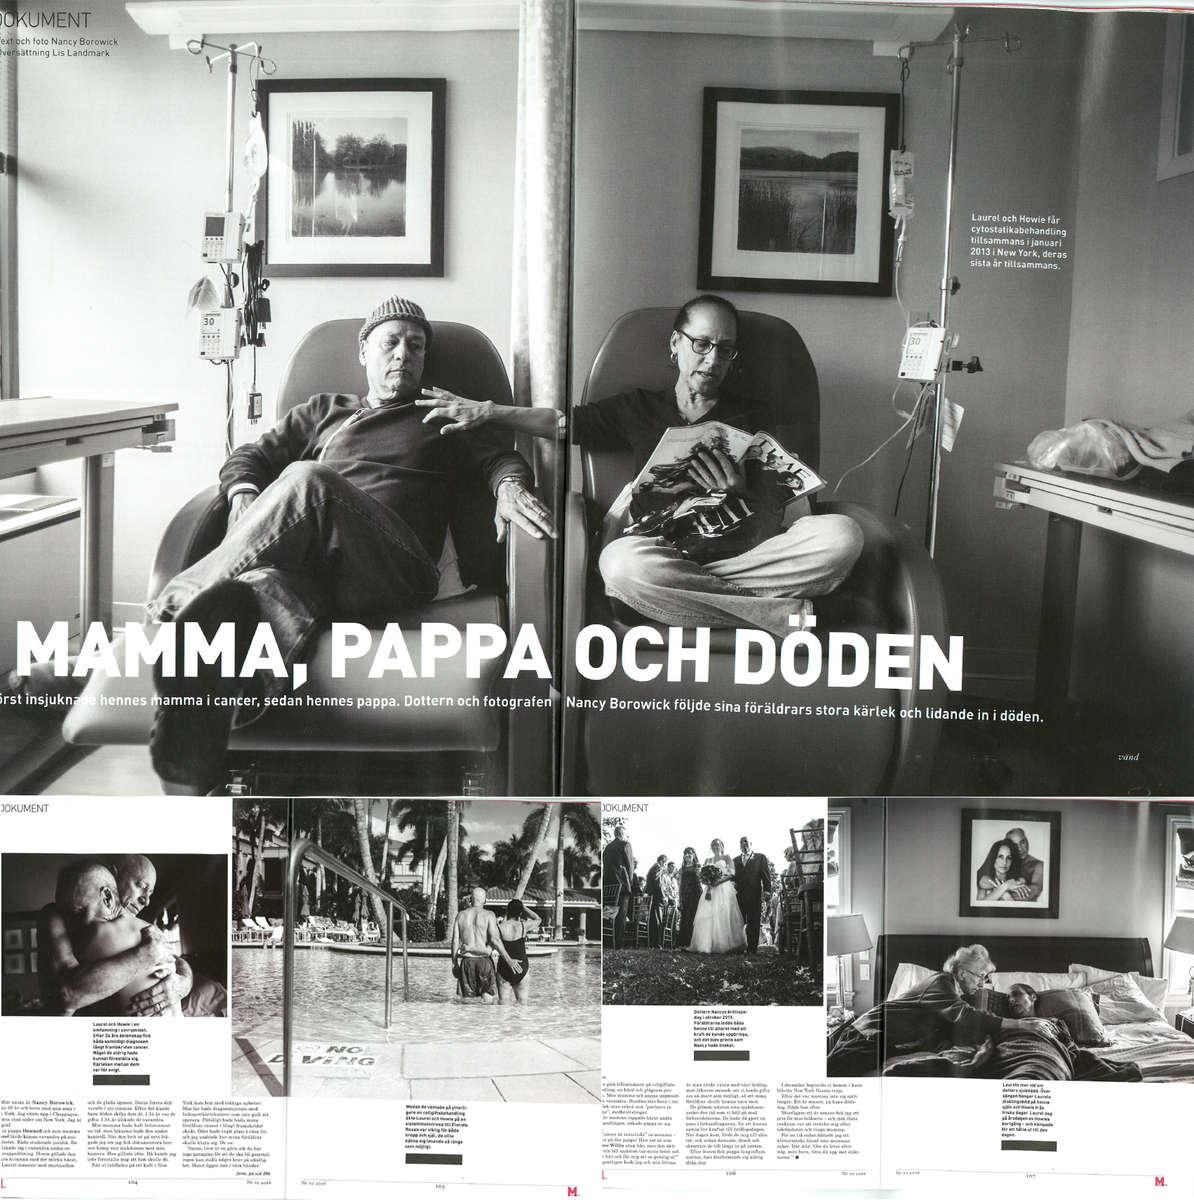 M Magazin, Sweden